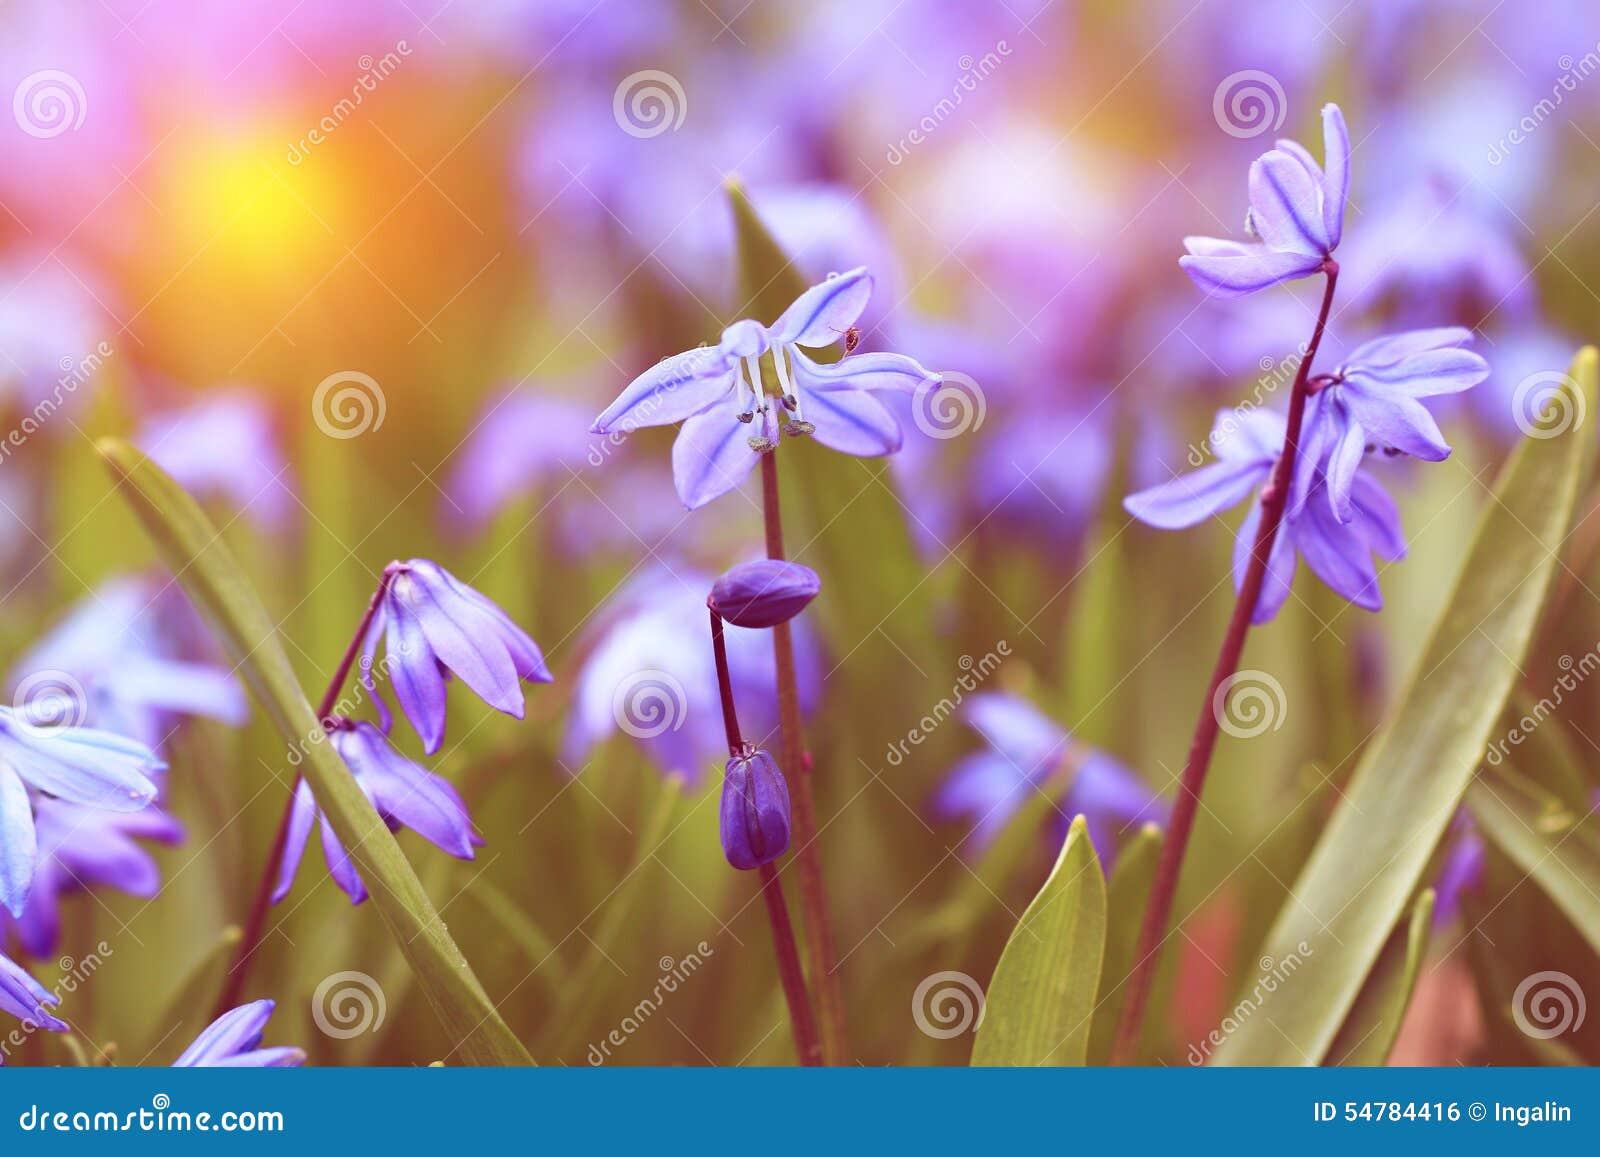 Vintage look photo of blue spring flowers stock photo image of vintage look photo of blue spring flowers mightylinksfo